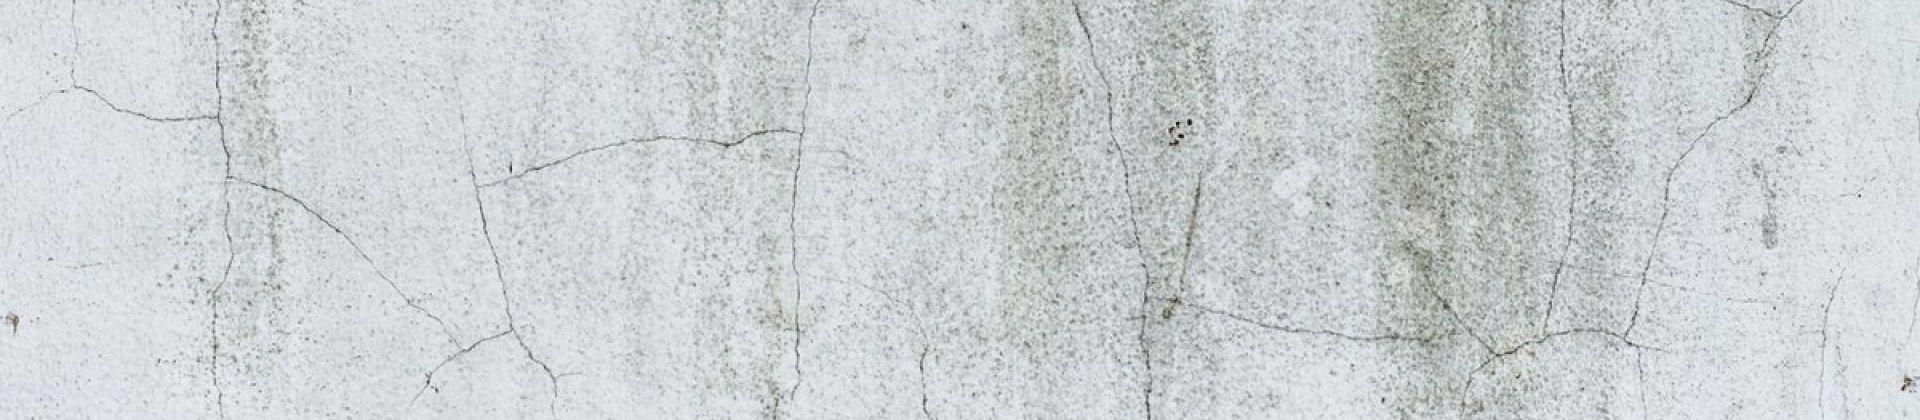 Jak uniknąć pękania gładzi?